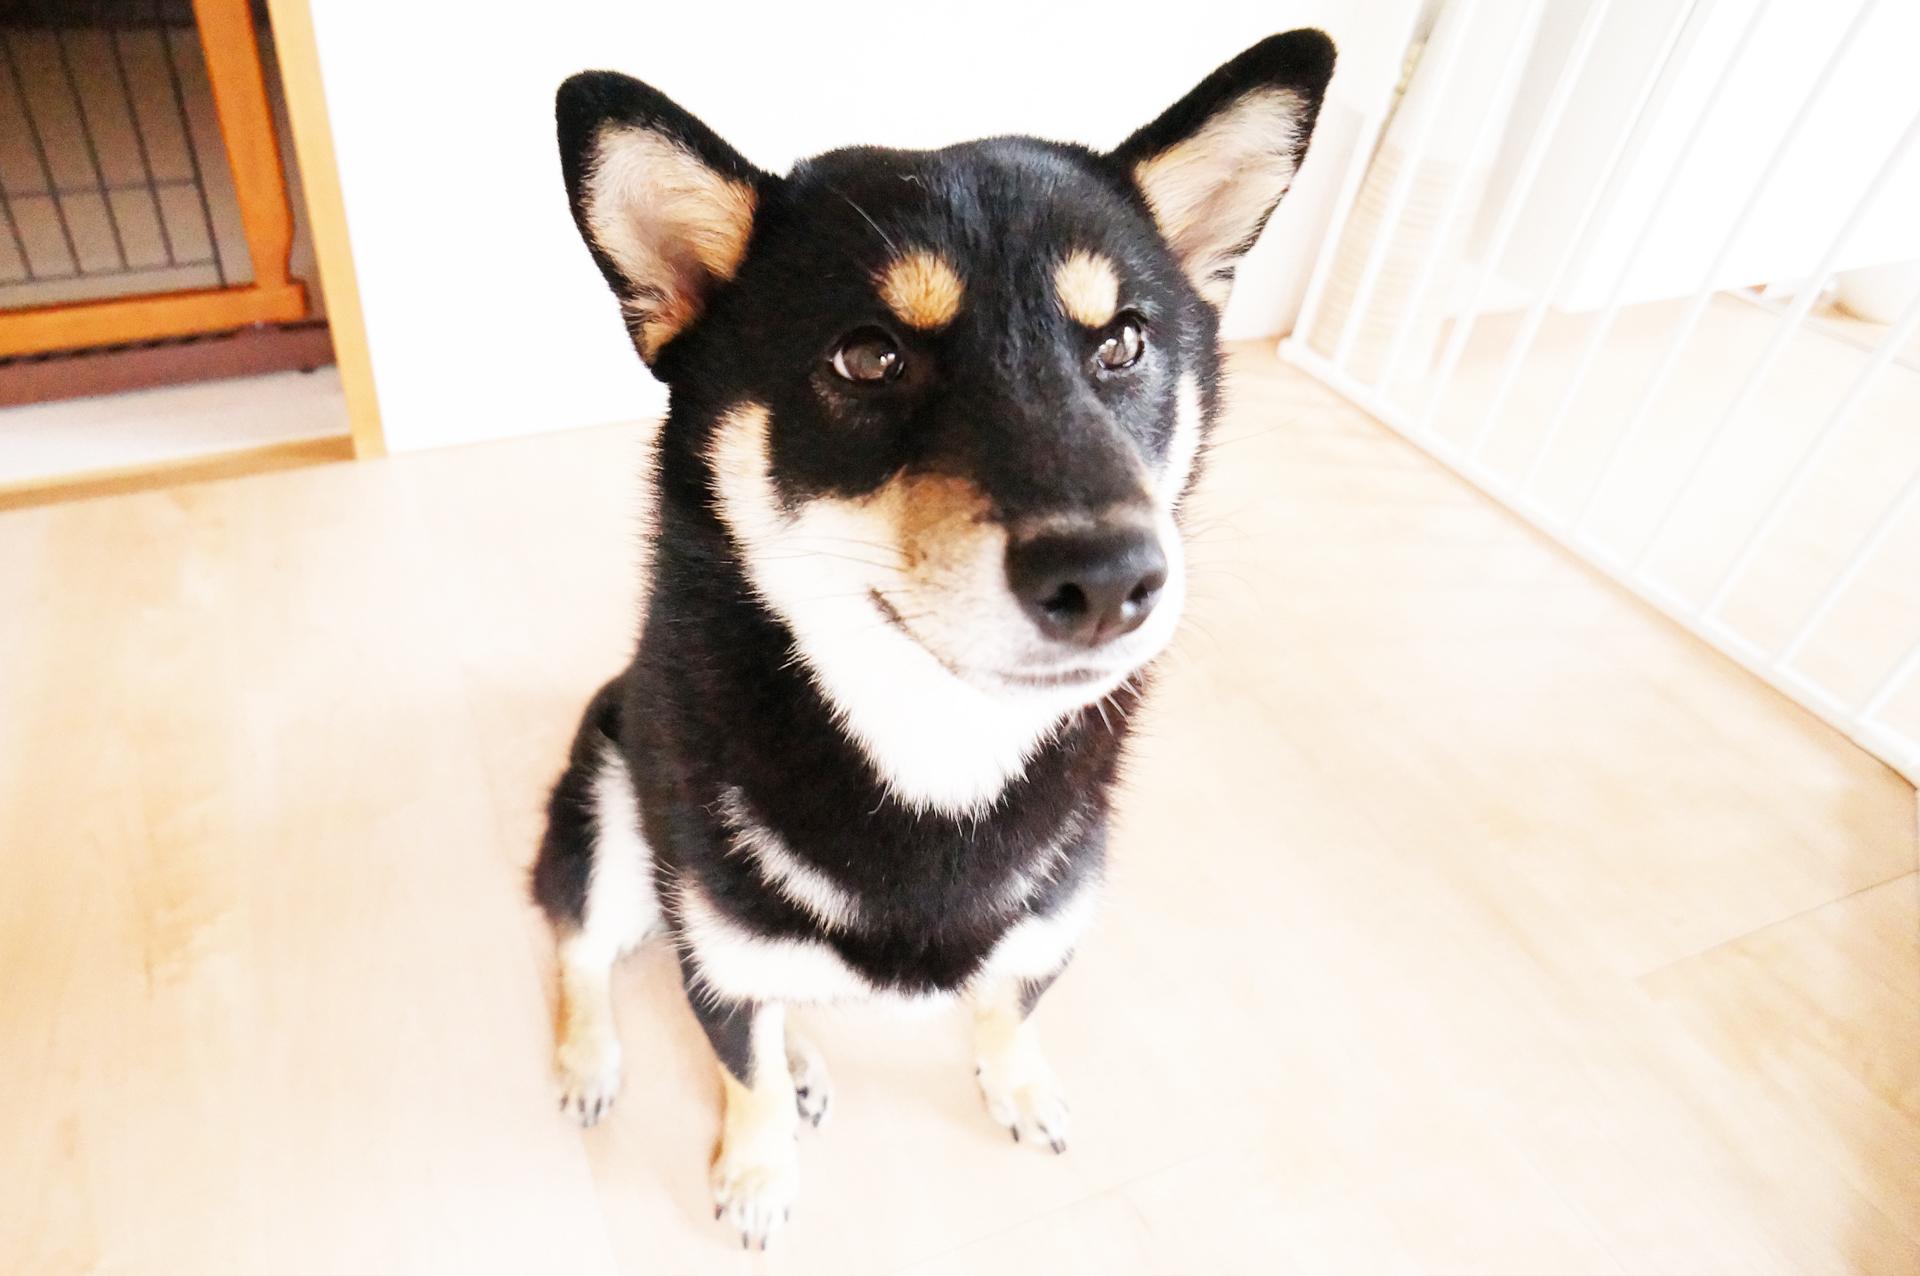 凛々しい表情でお座りしている夢ちゃん(柴犬8ヶ月)の様子